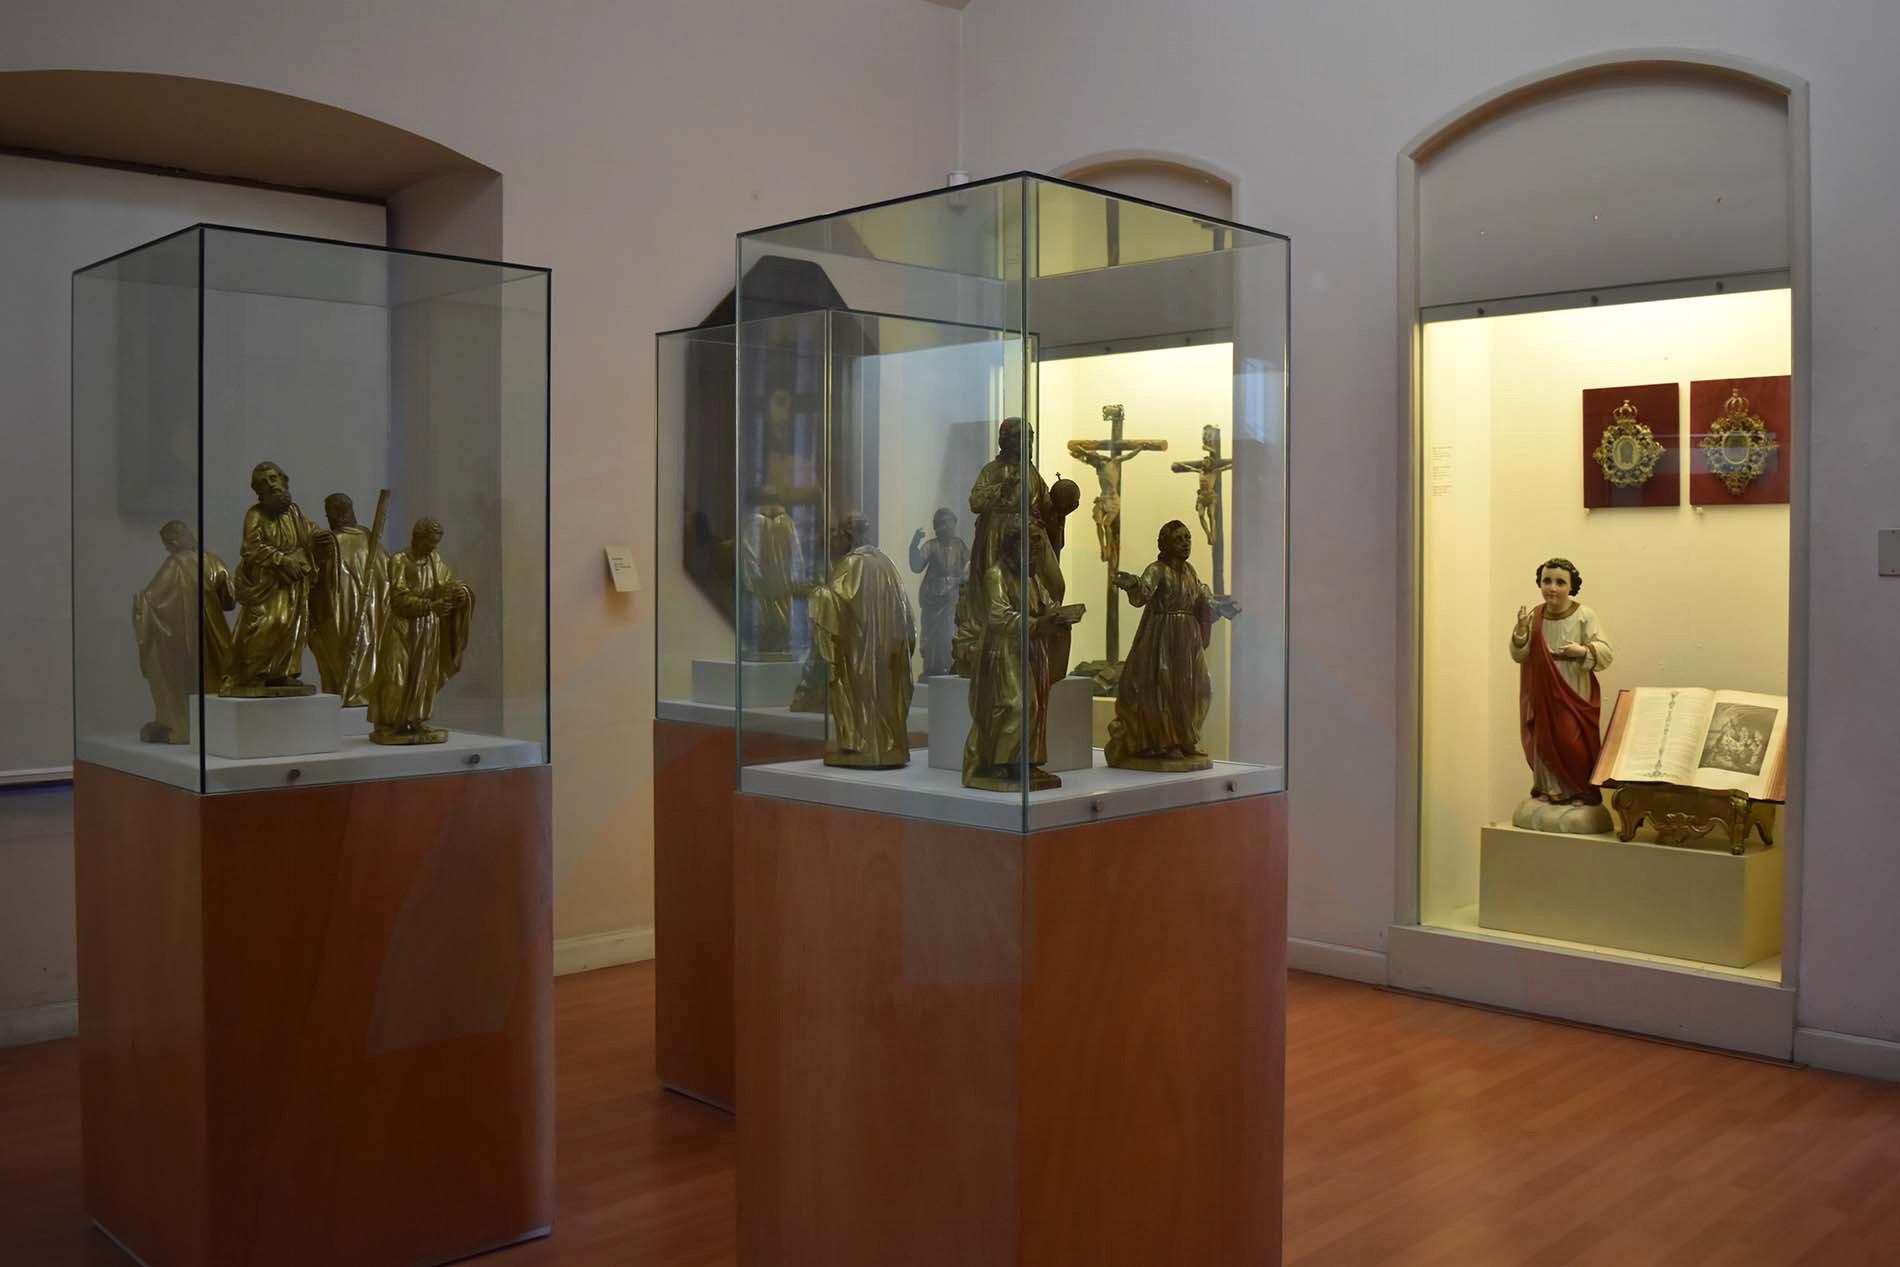 Museo arquidiocesano 04